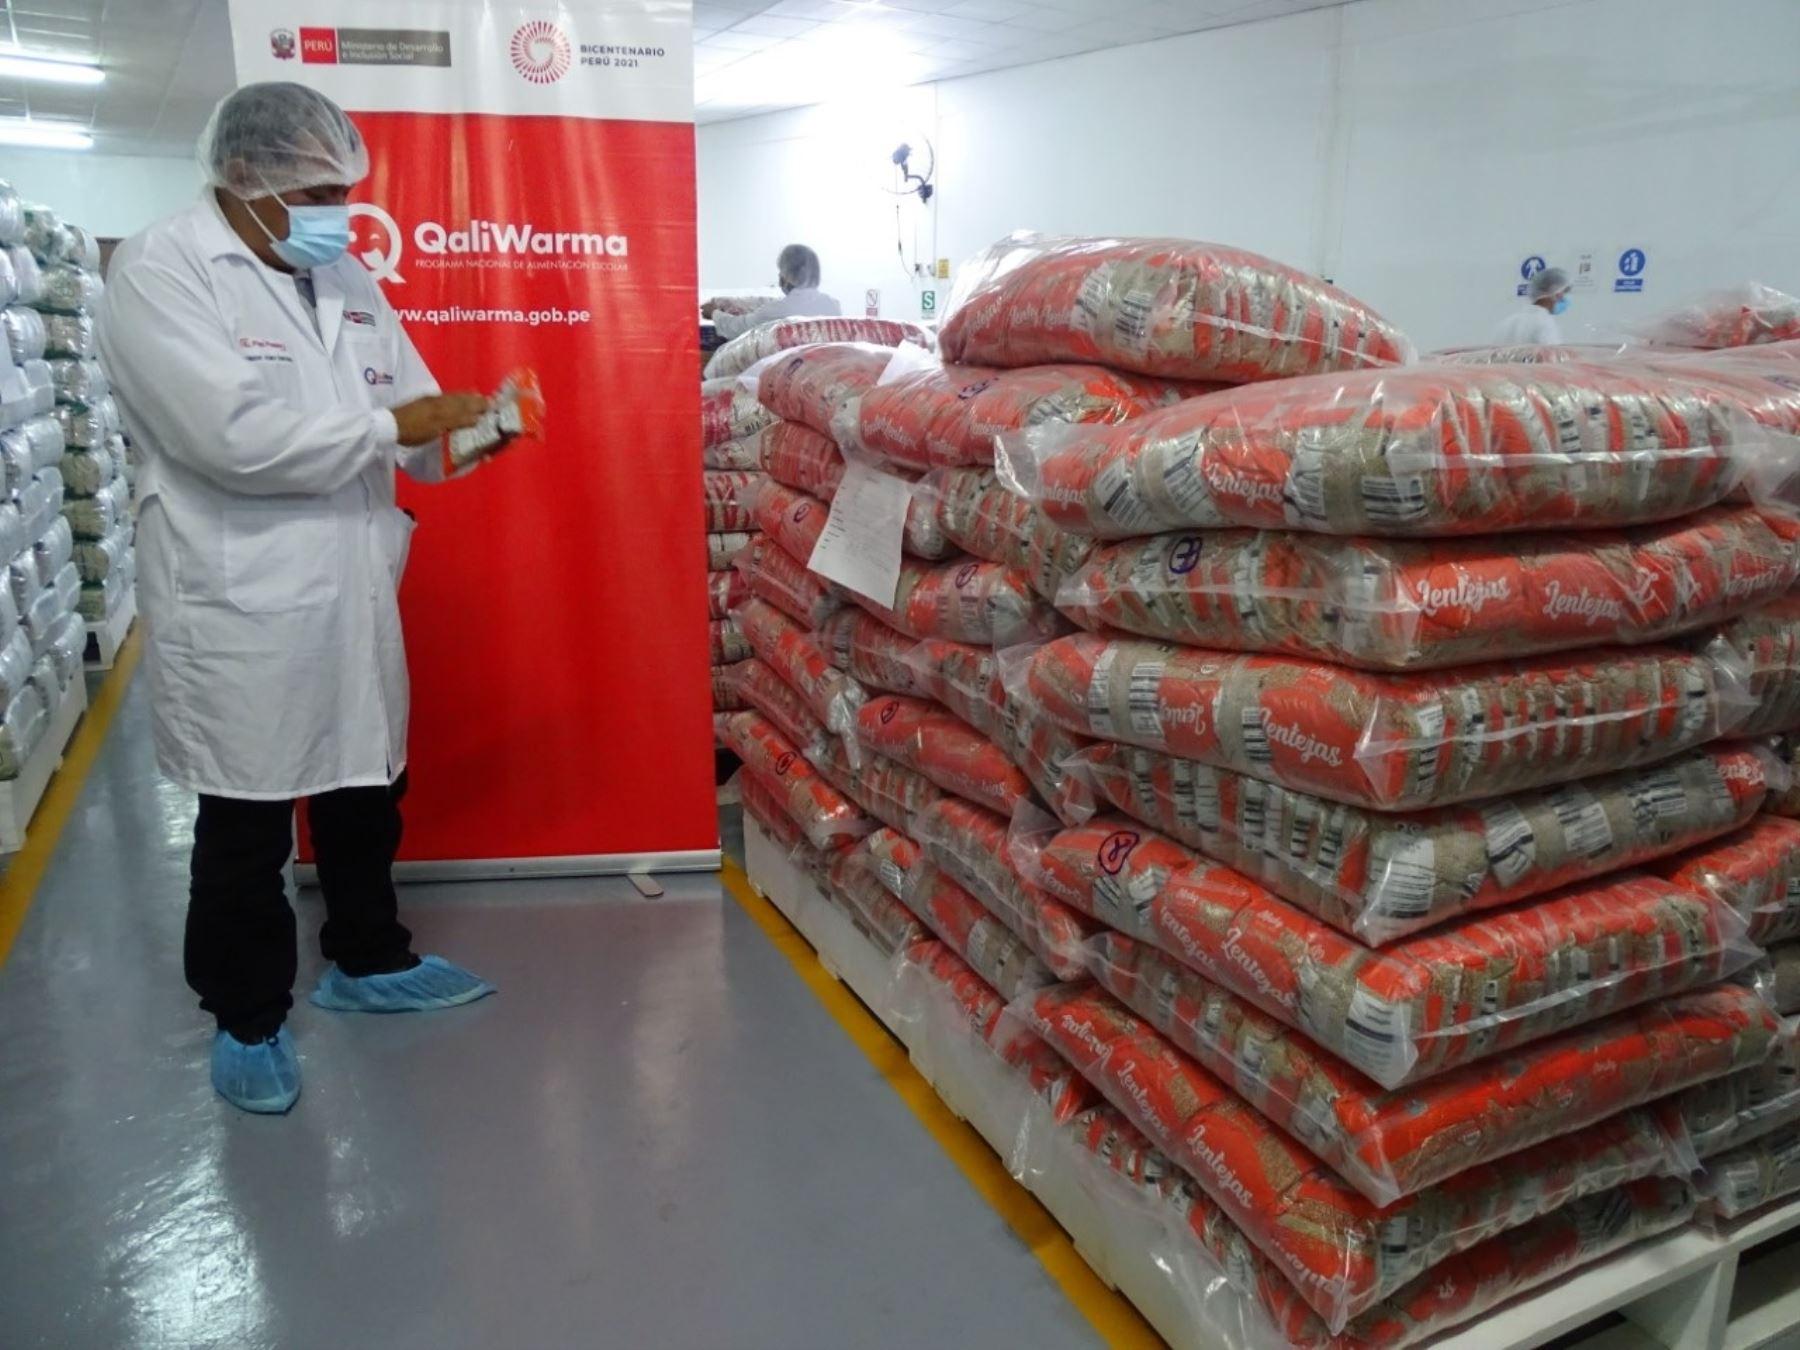 San Martín: Qali Warma supervisa condiciones de almacenes para sexta entrega de alimentos